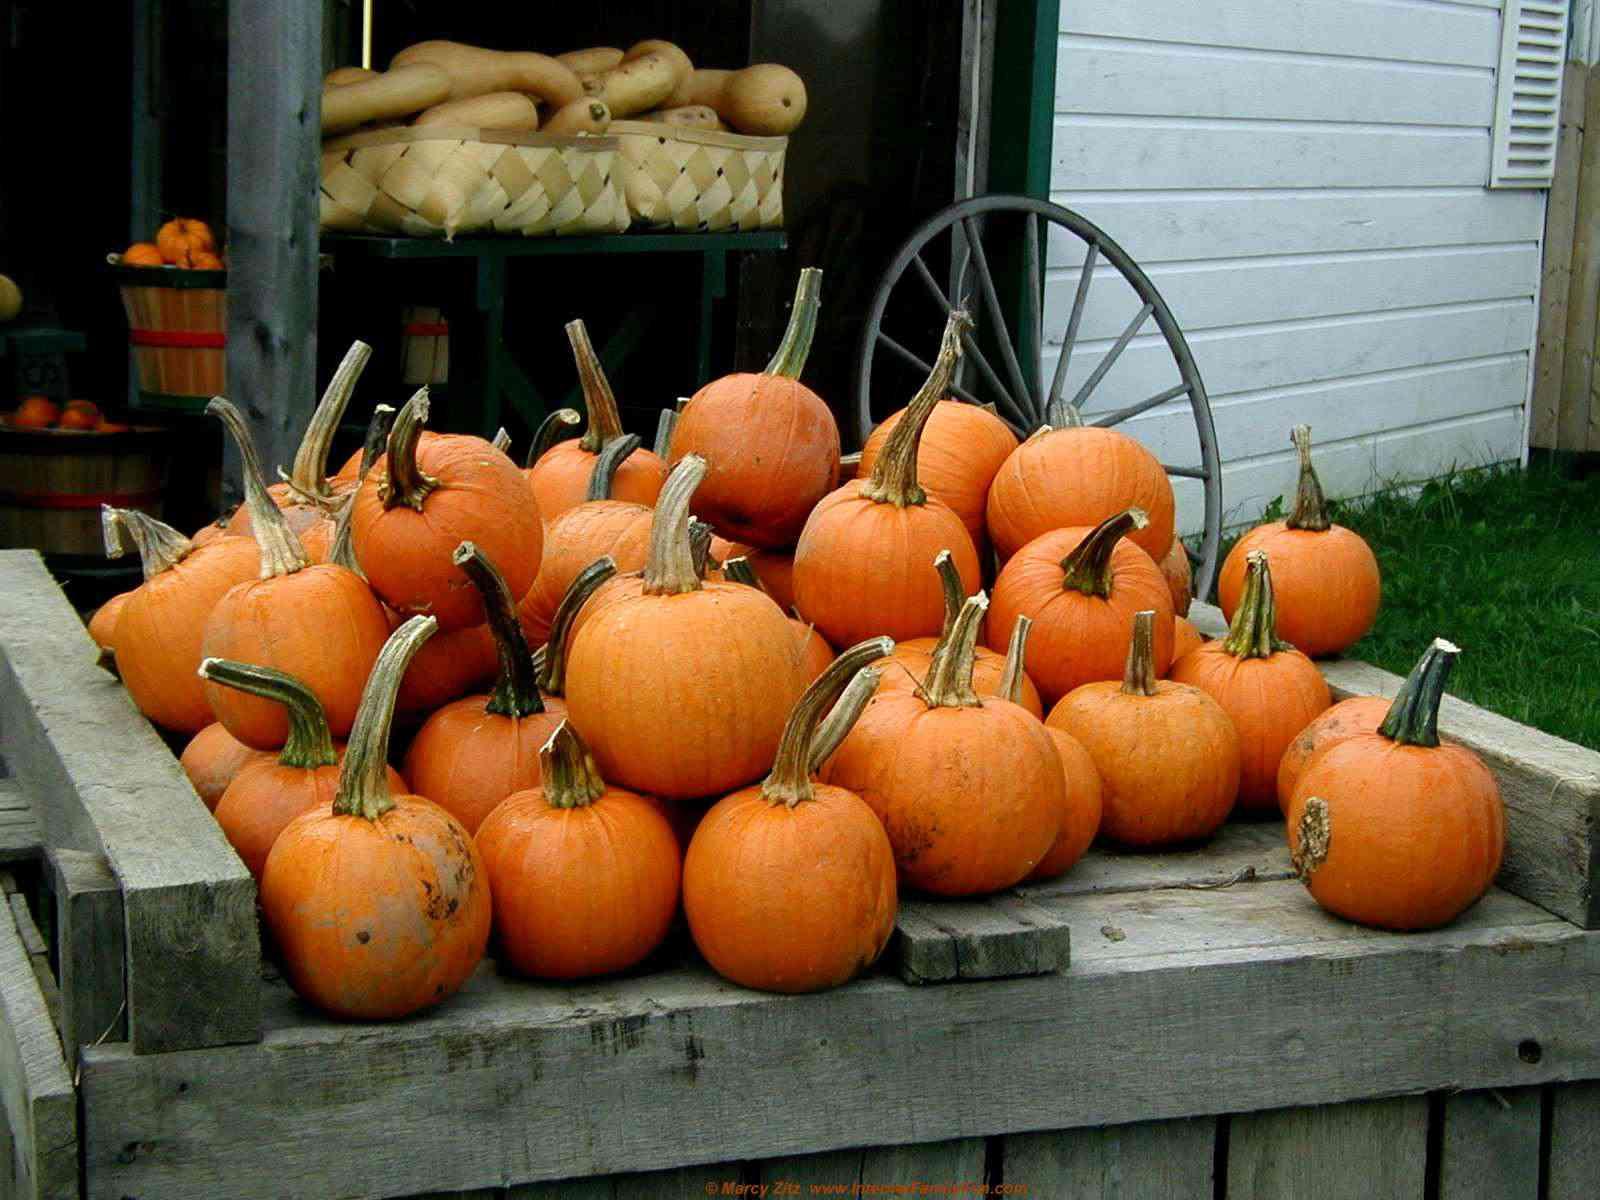 Free autumn wallpaper featuring pumpkins on a wooden cart.